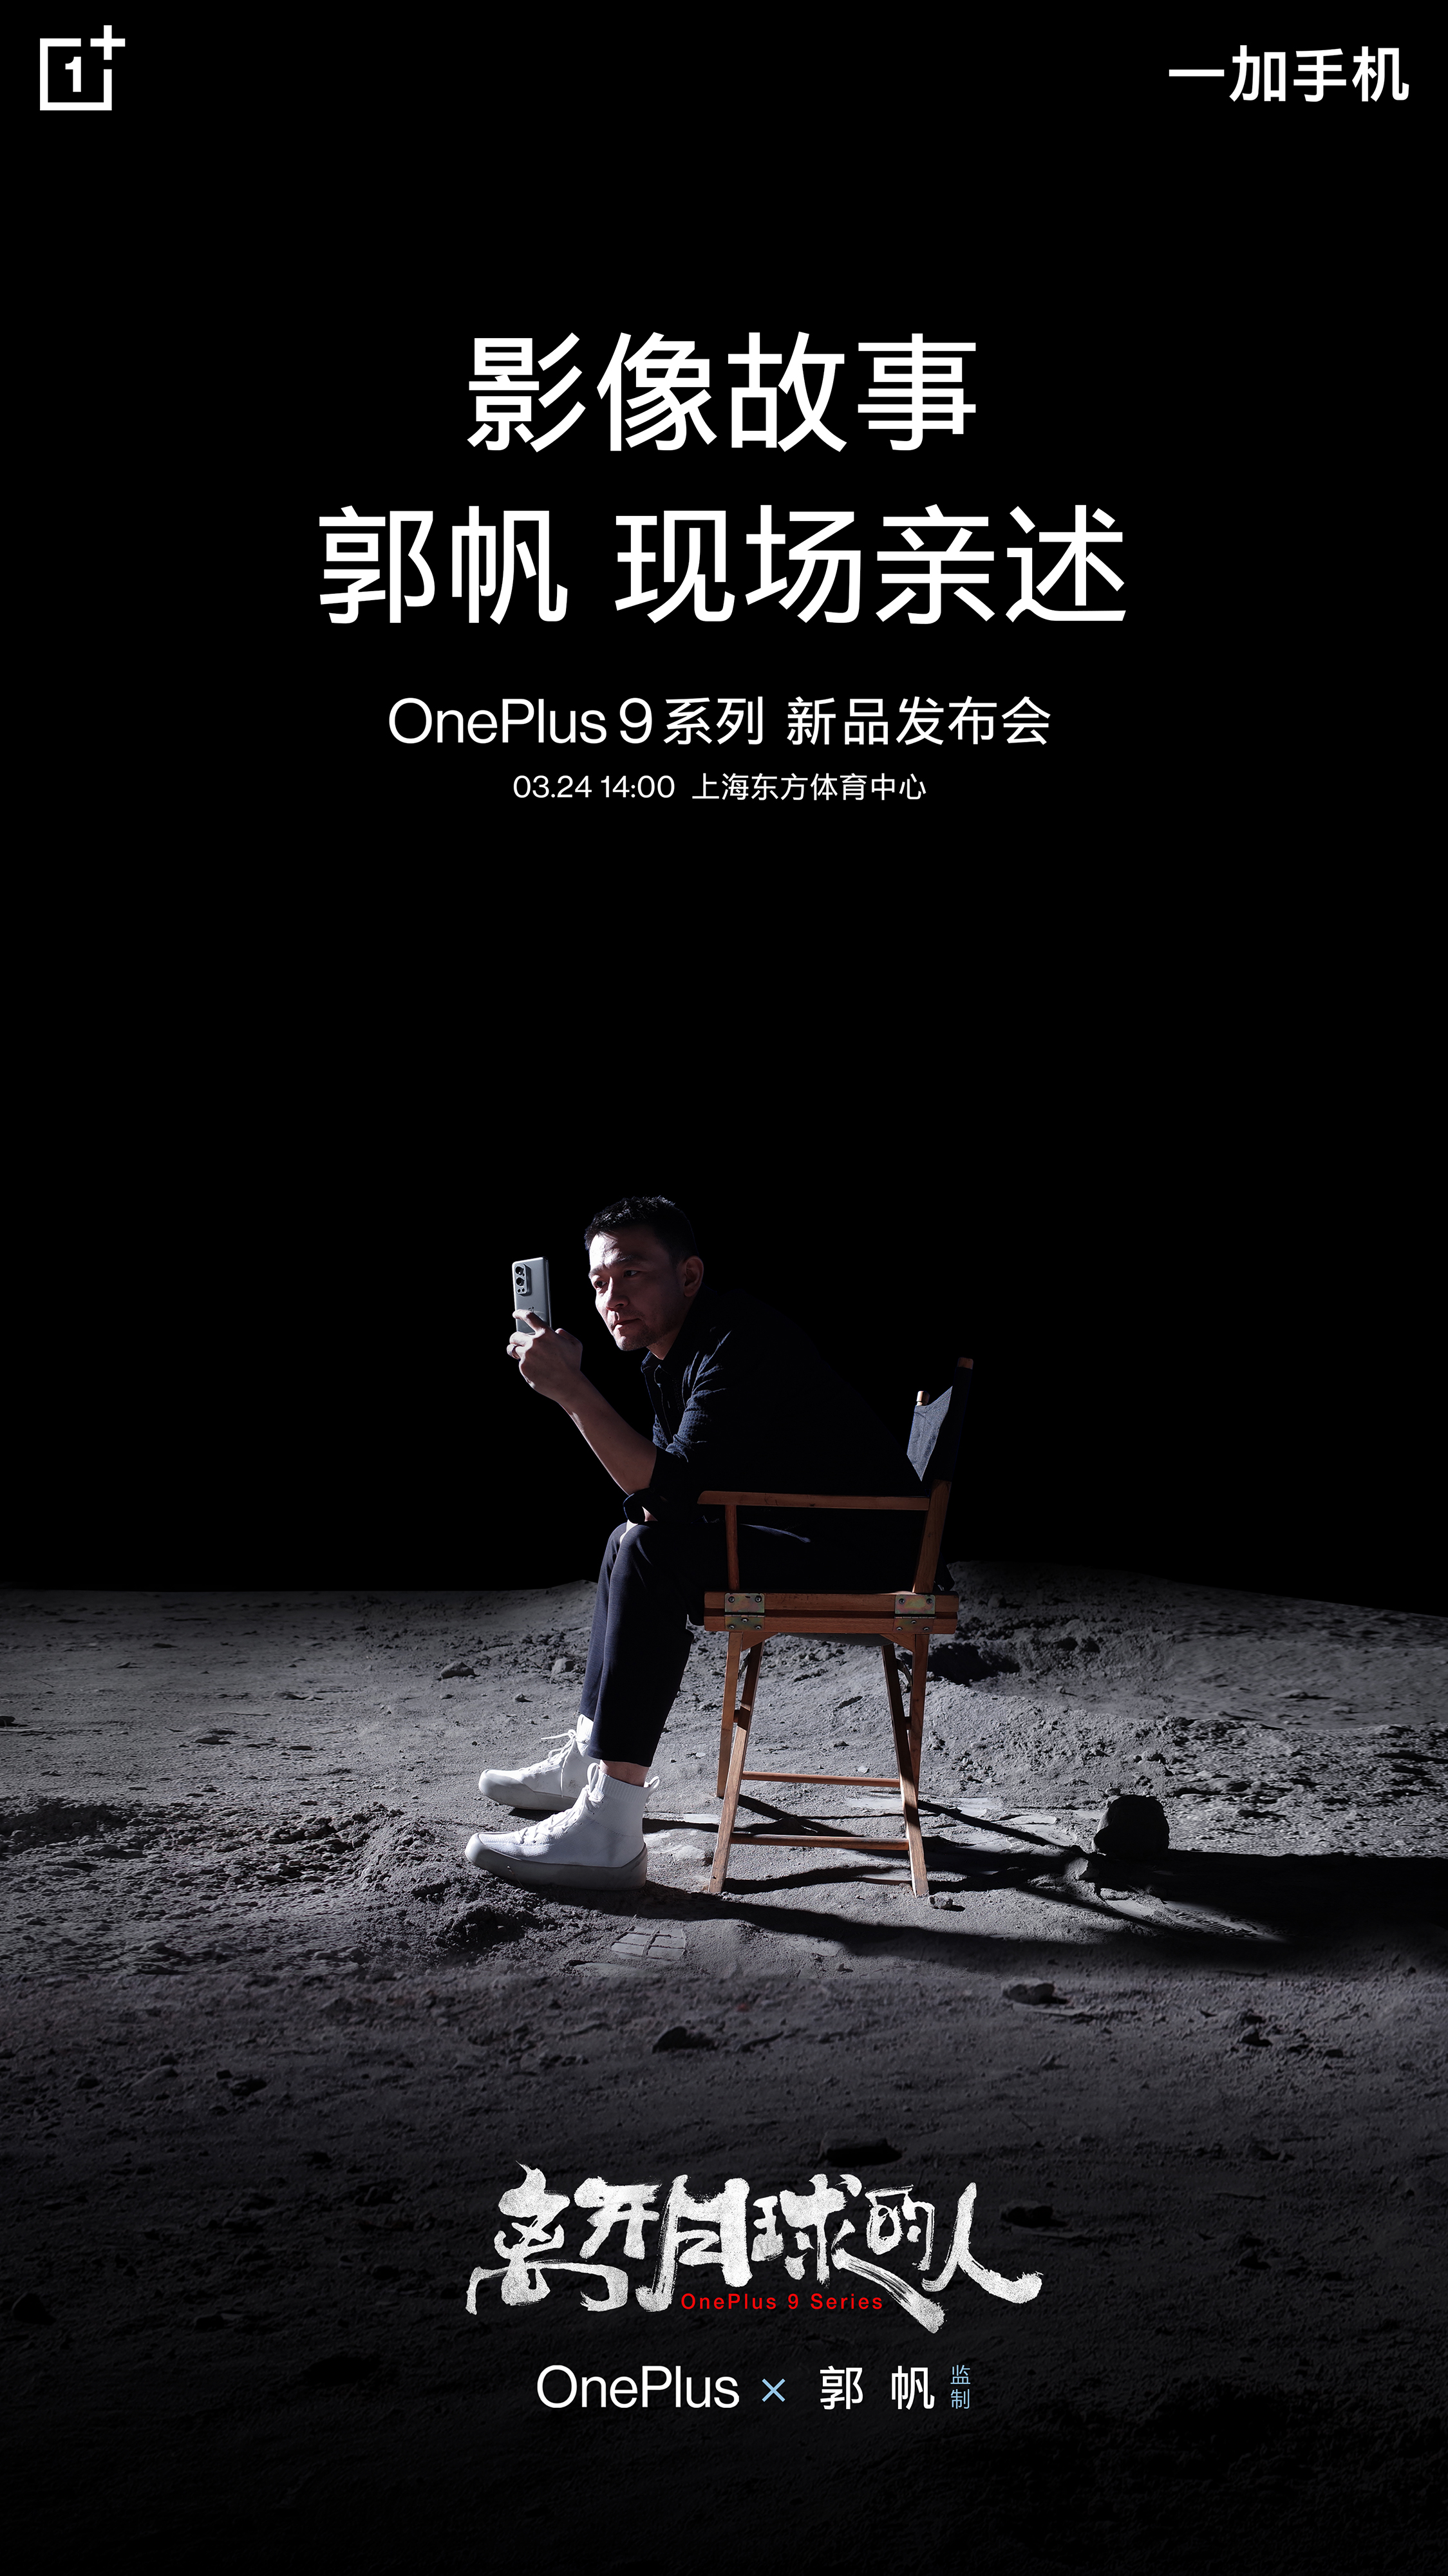 郭帆发布会海报1.jpg